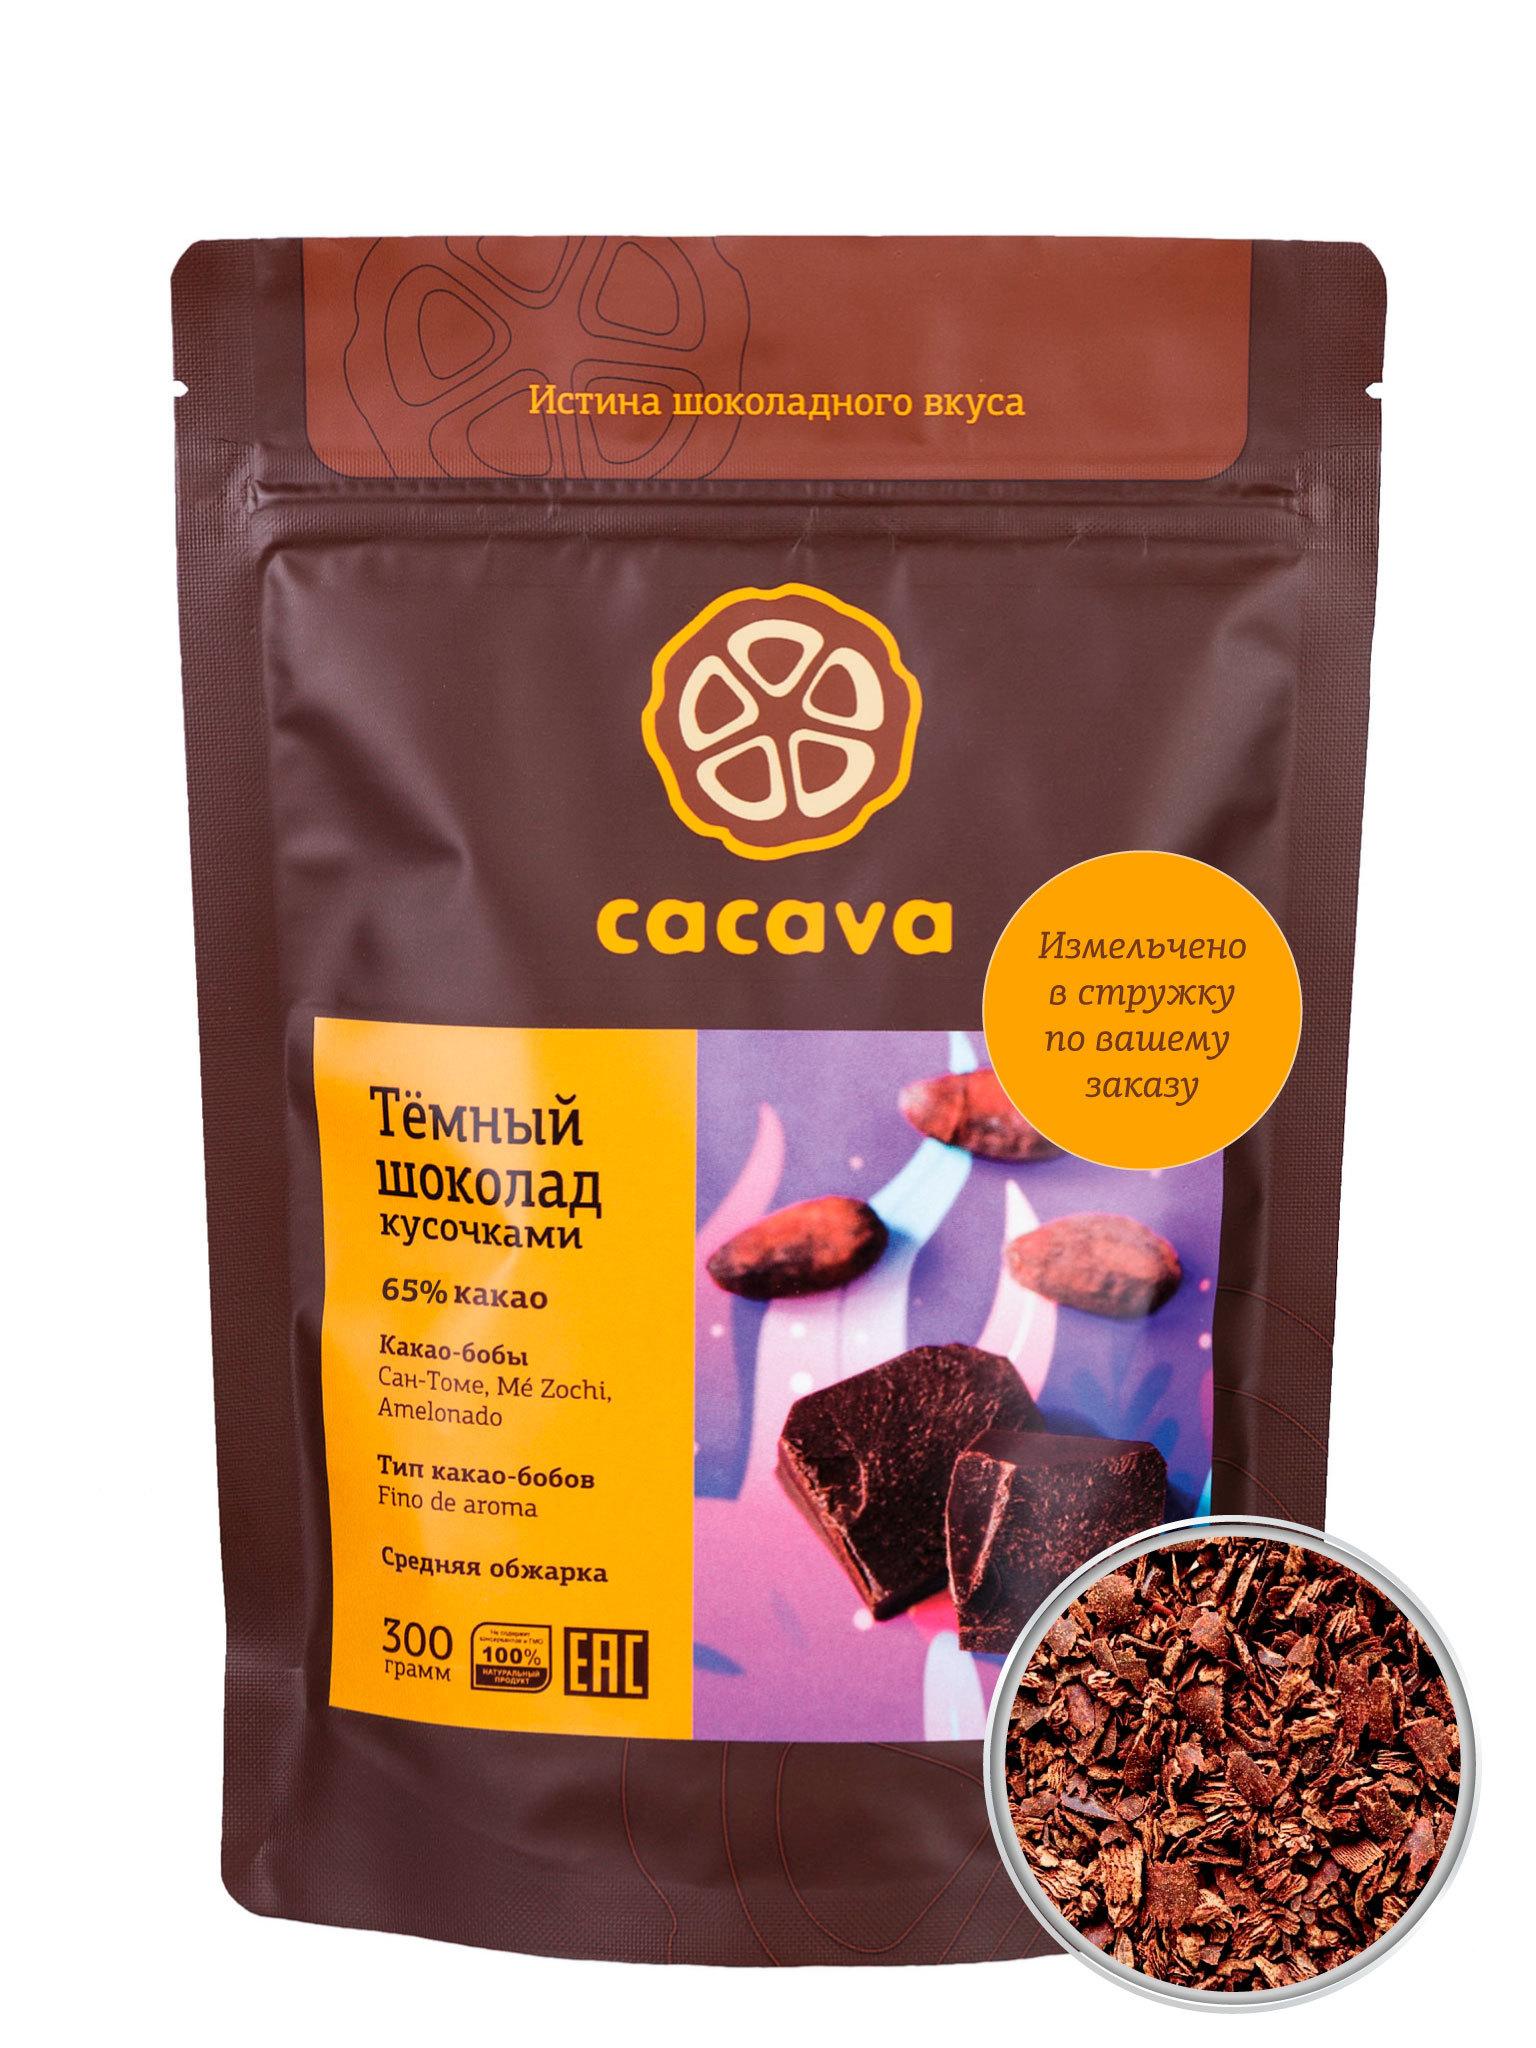 Тёмный шоколад 65 % какао в стружке (Сан-Томе), упаковка 300 грамм